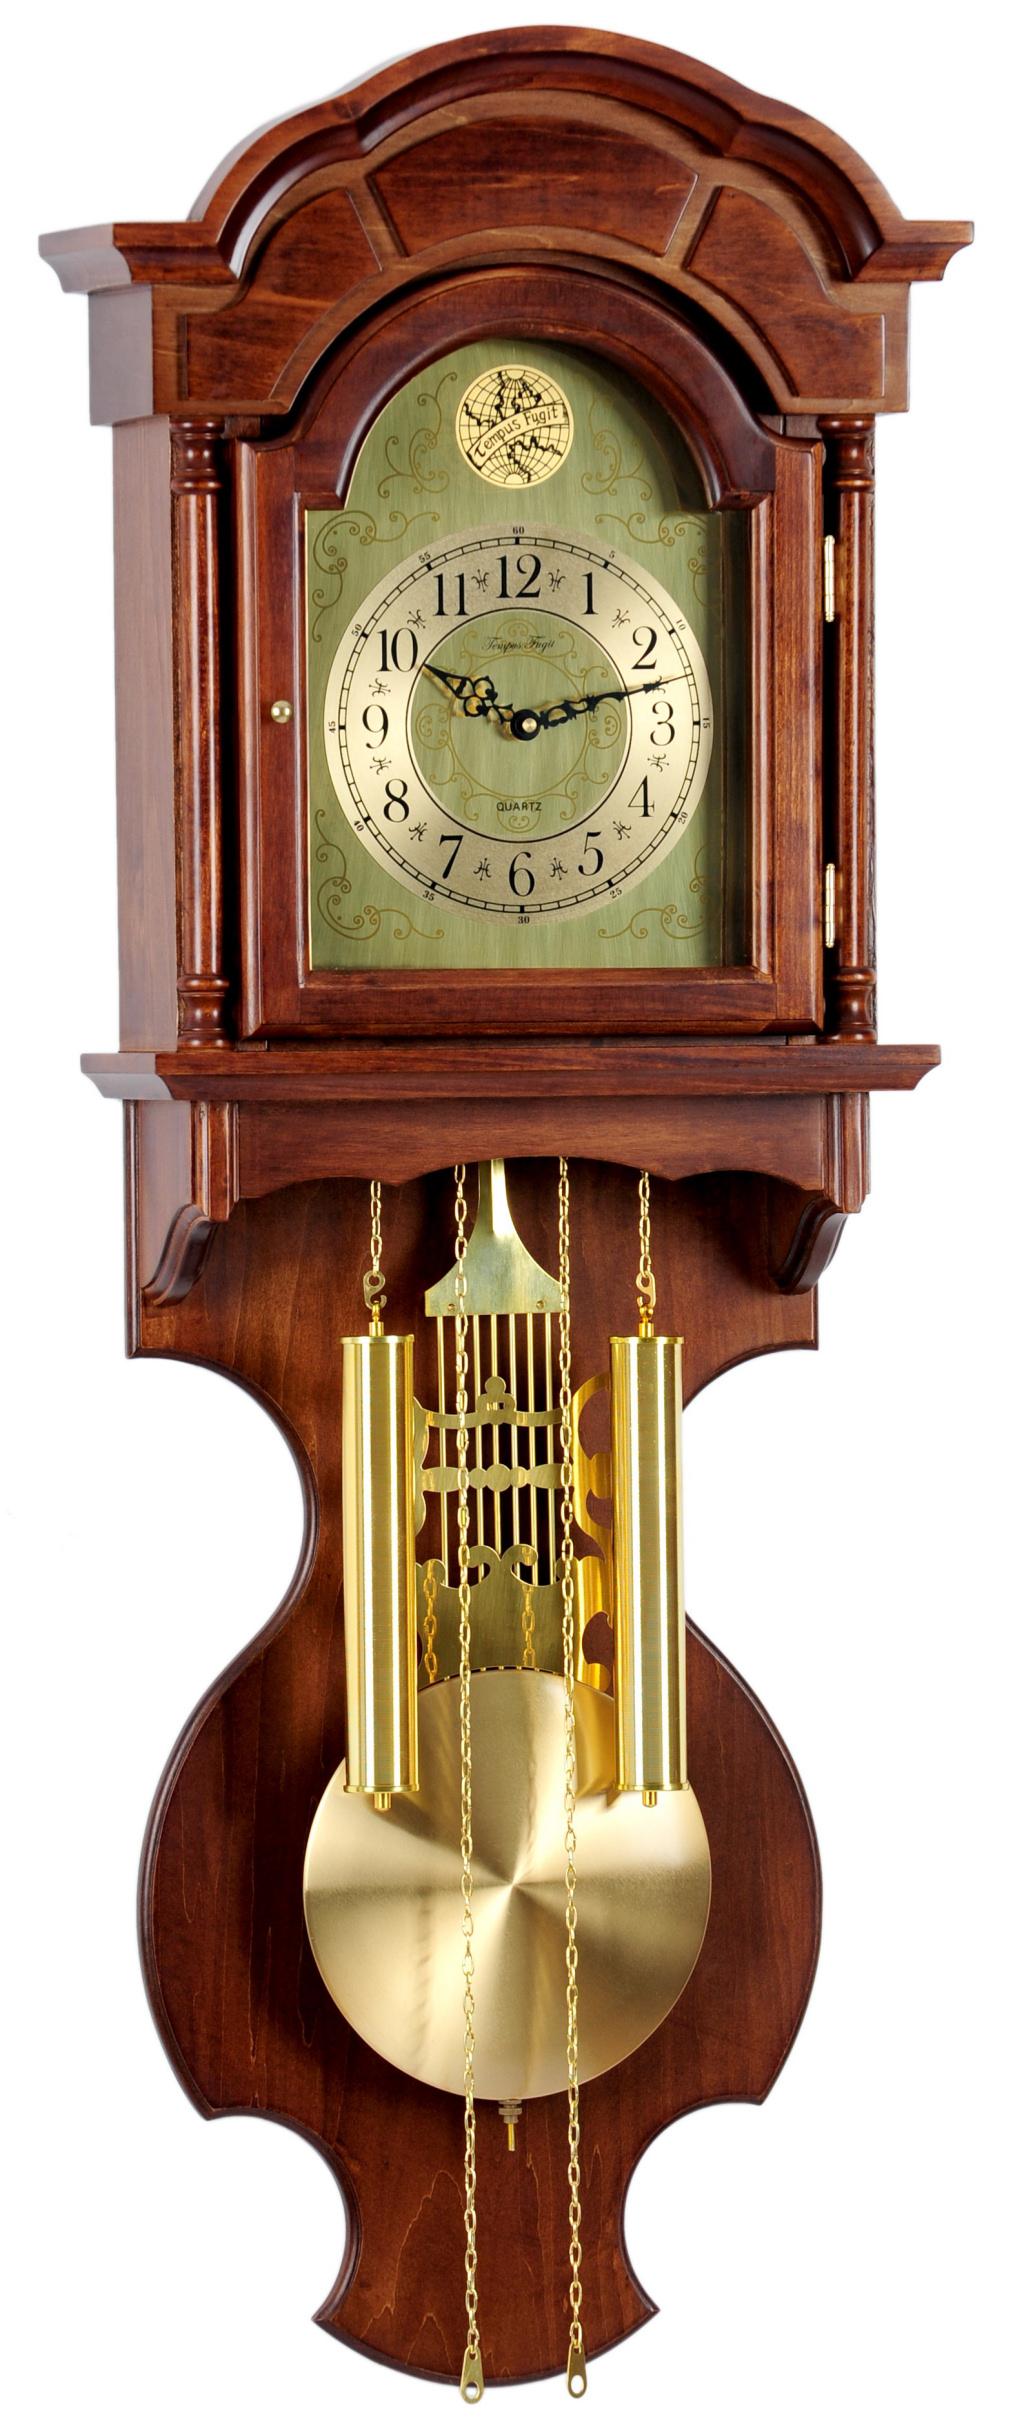 Orologio tempus fugit (orologio, pendolo, tempus) - Social Shopping ...